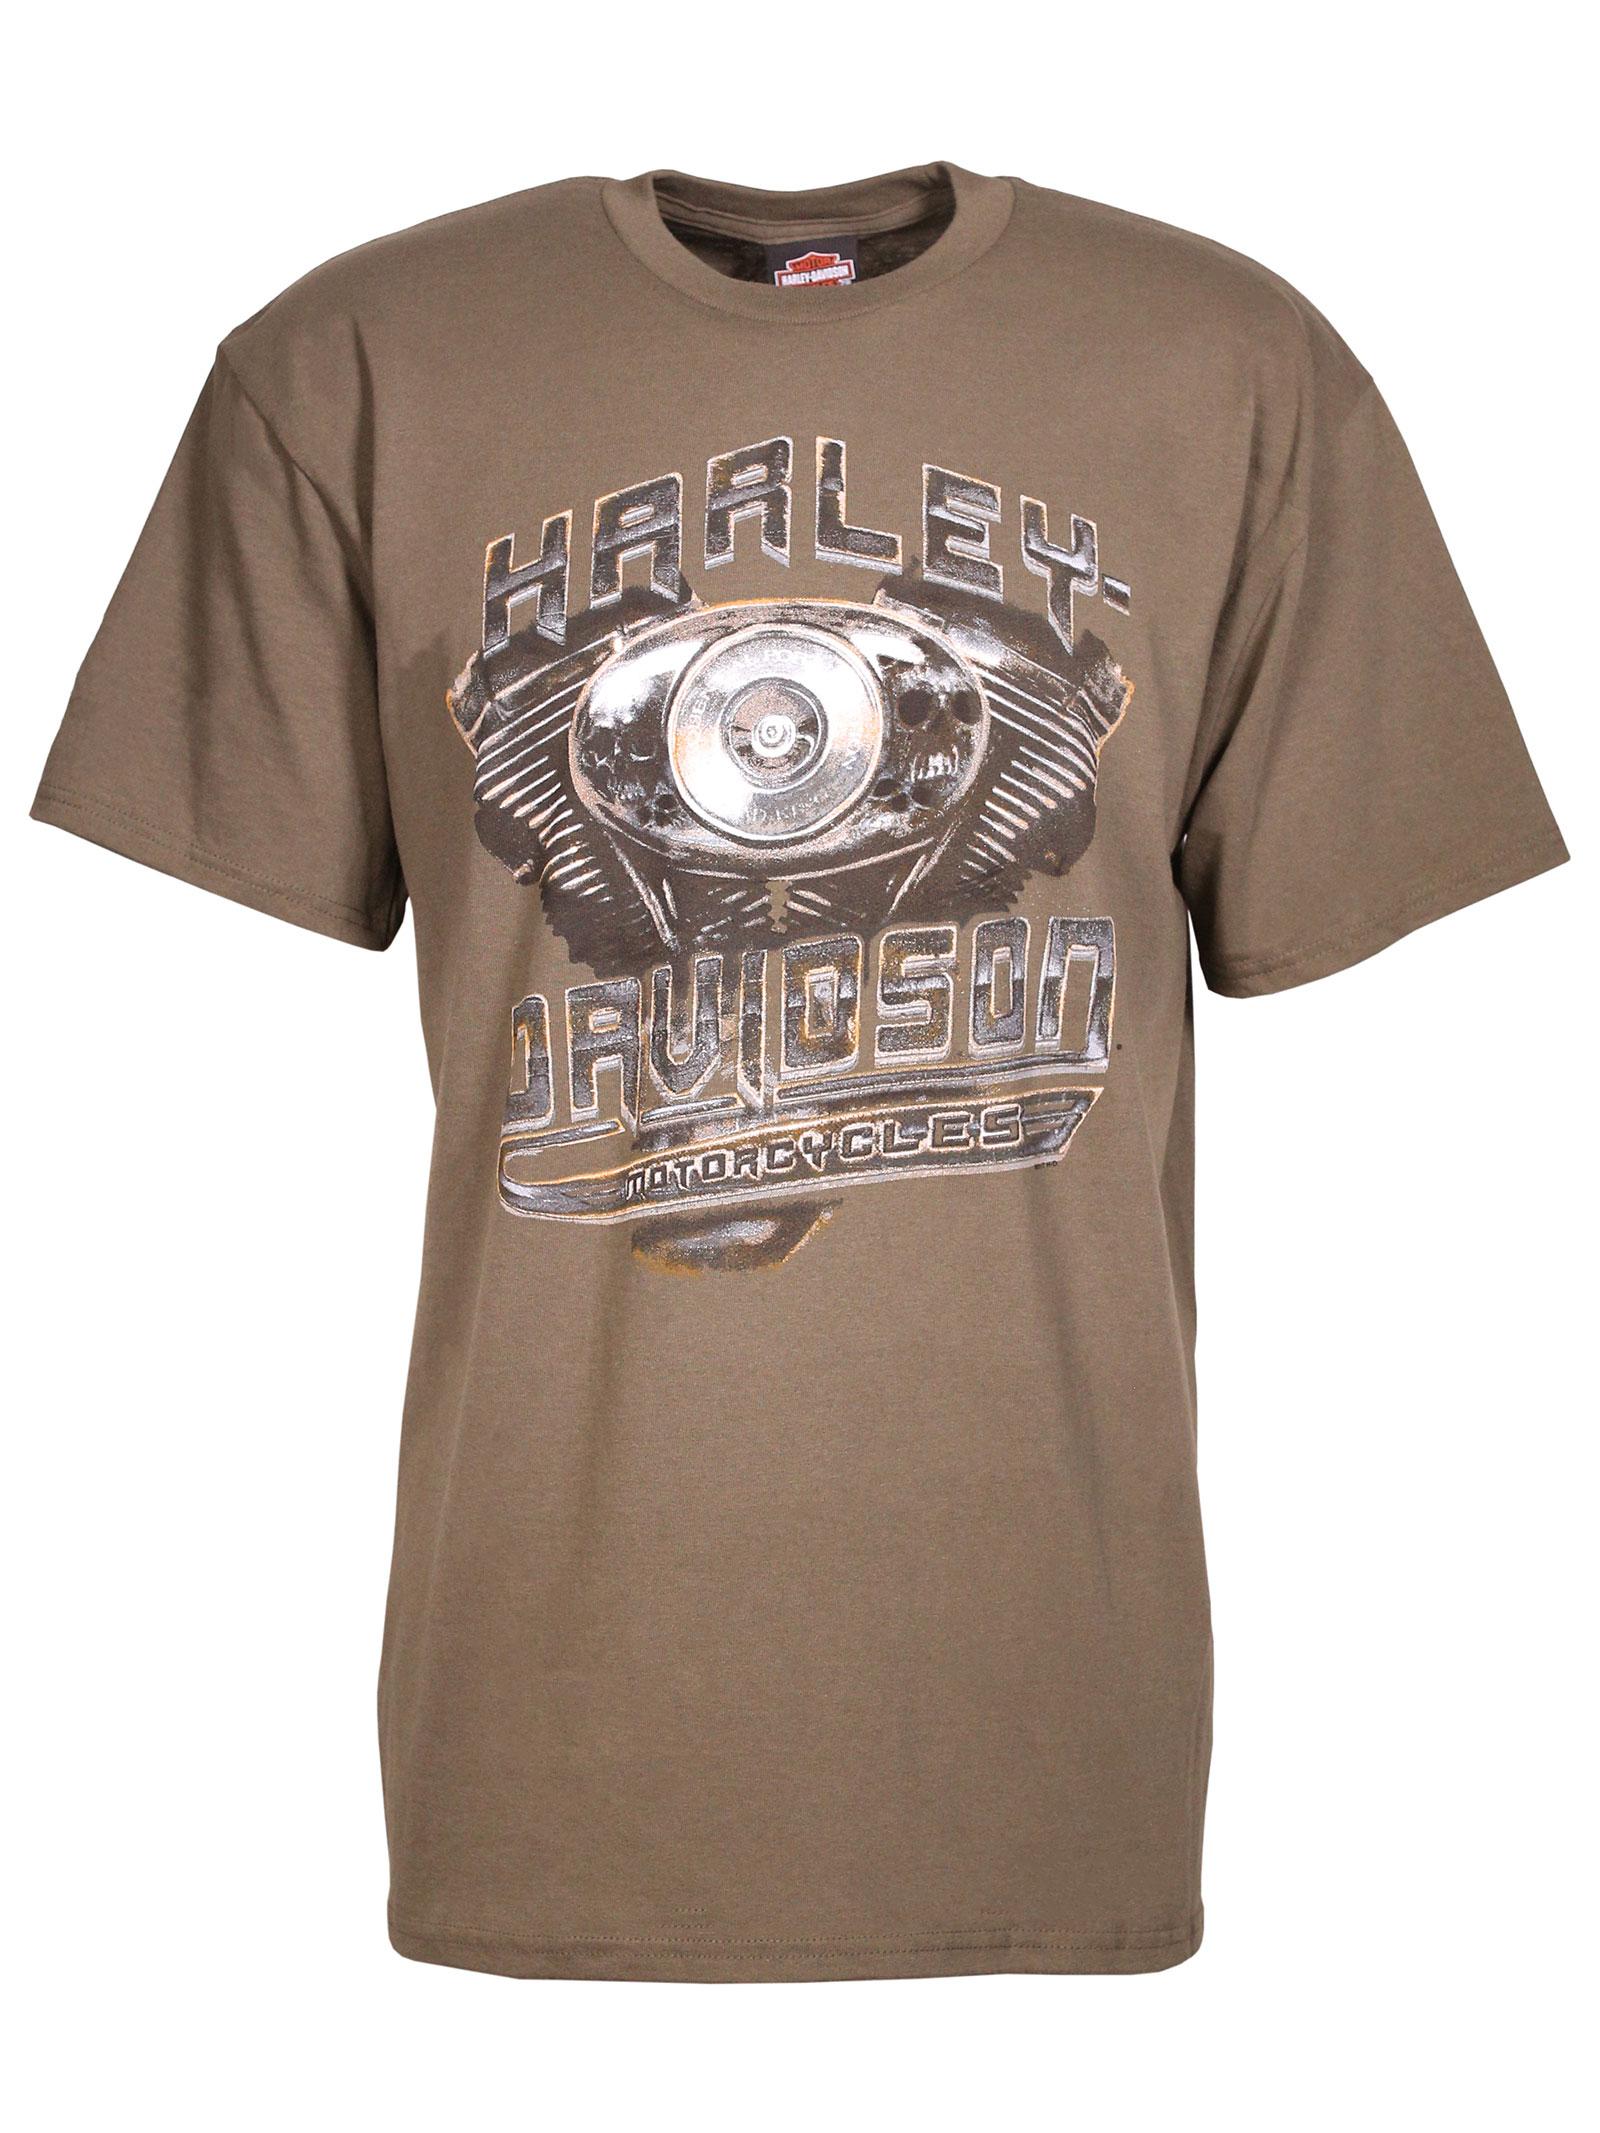 harley davidson t shirt engine energy at thunderbike shop. Black Bedroom Furniture Sets. Home Design Ideas